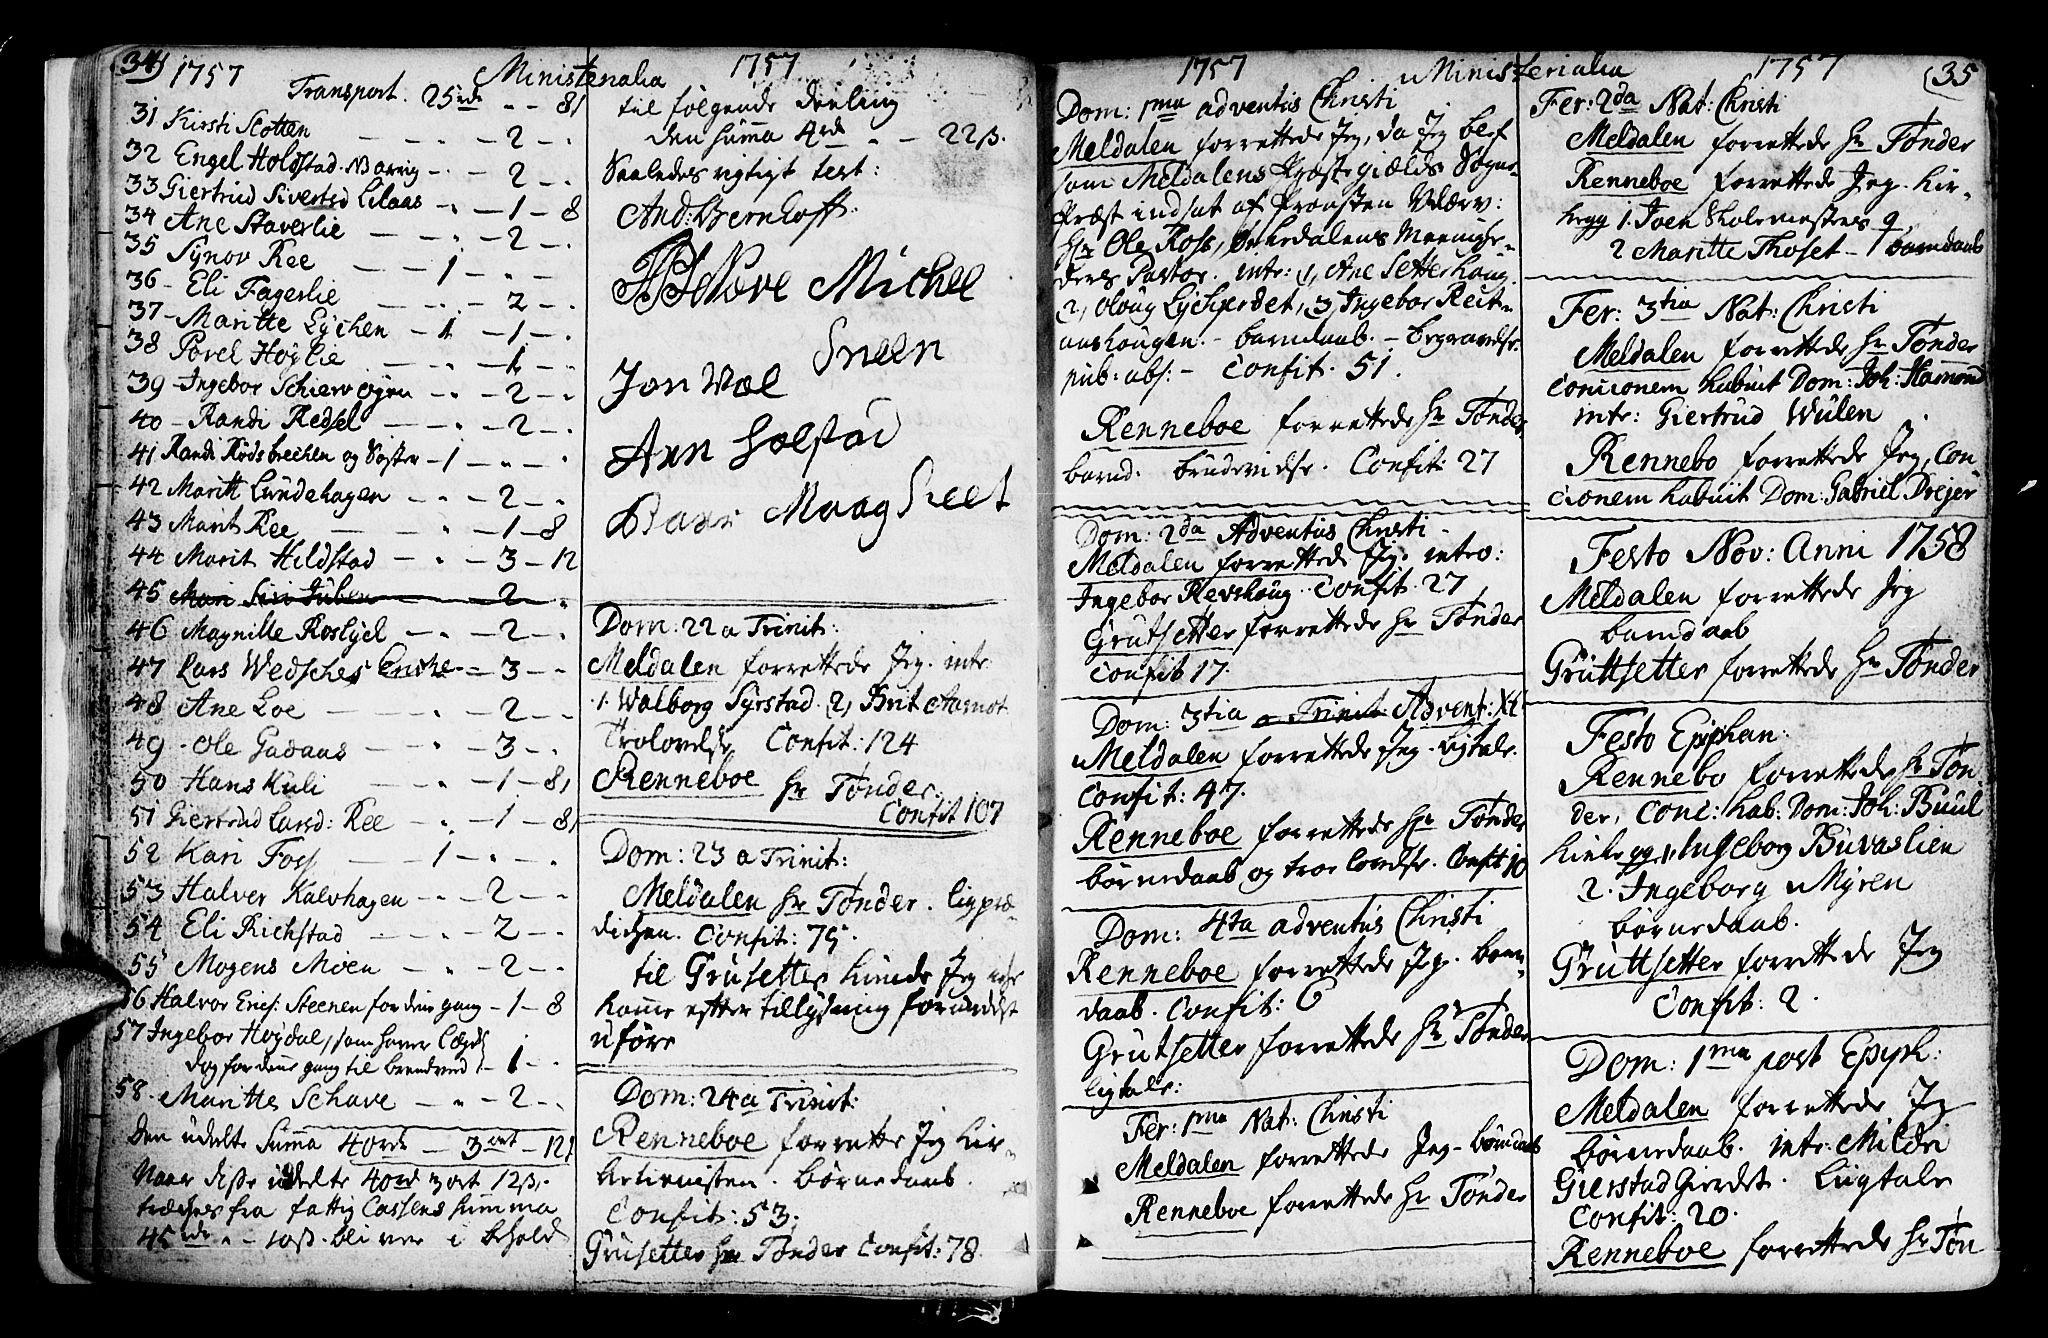 SAT, Ministerialprotokoller, klokkerbøker og fødselsregistre - Sør-Trøndelag, 672/L0851: Ministerialbok nr. 672A04, 1751-1775, s. 34-35